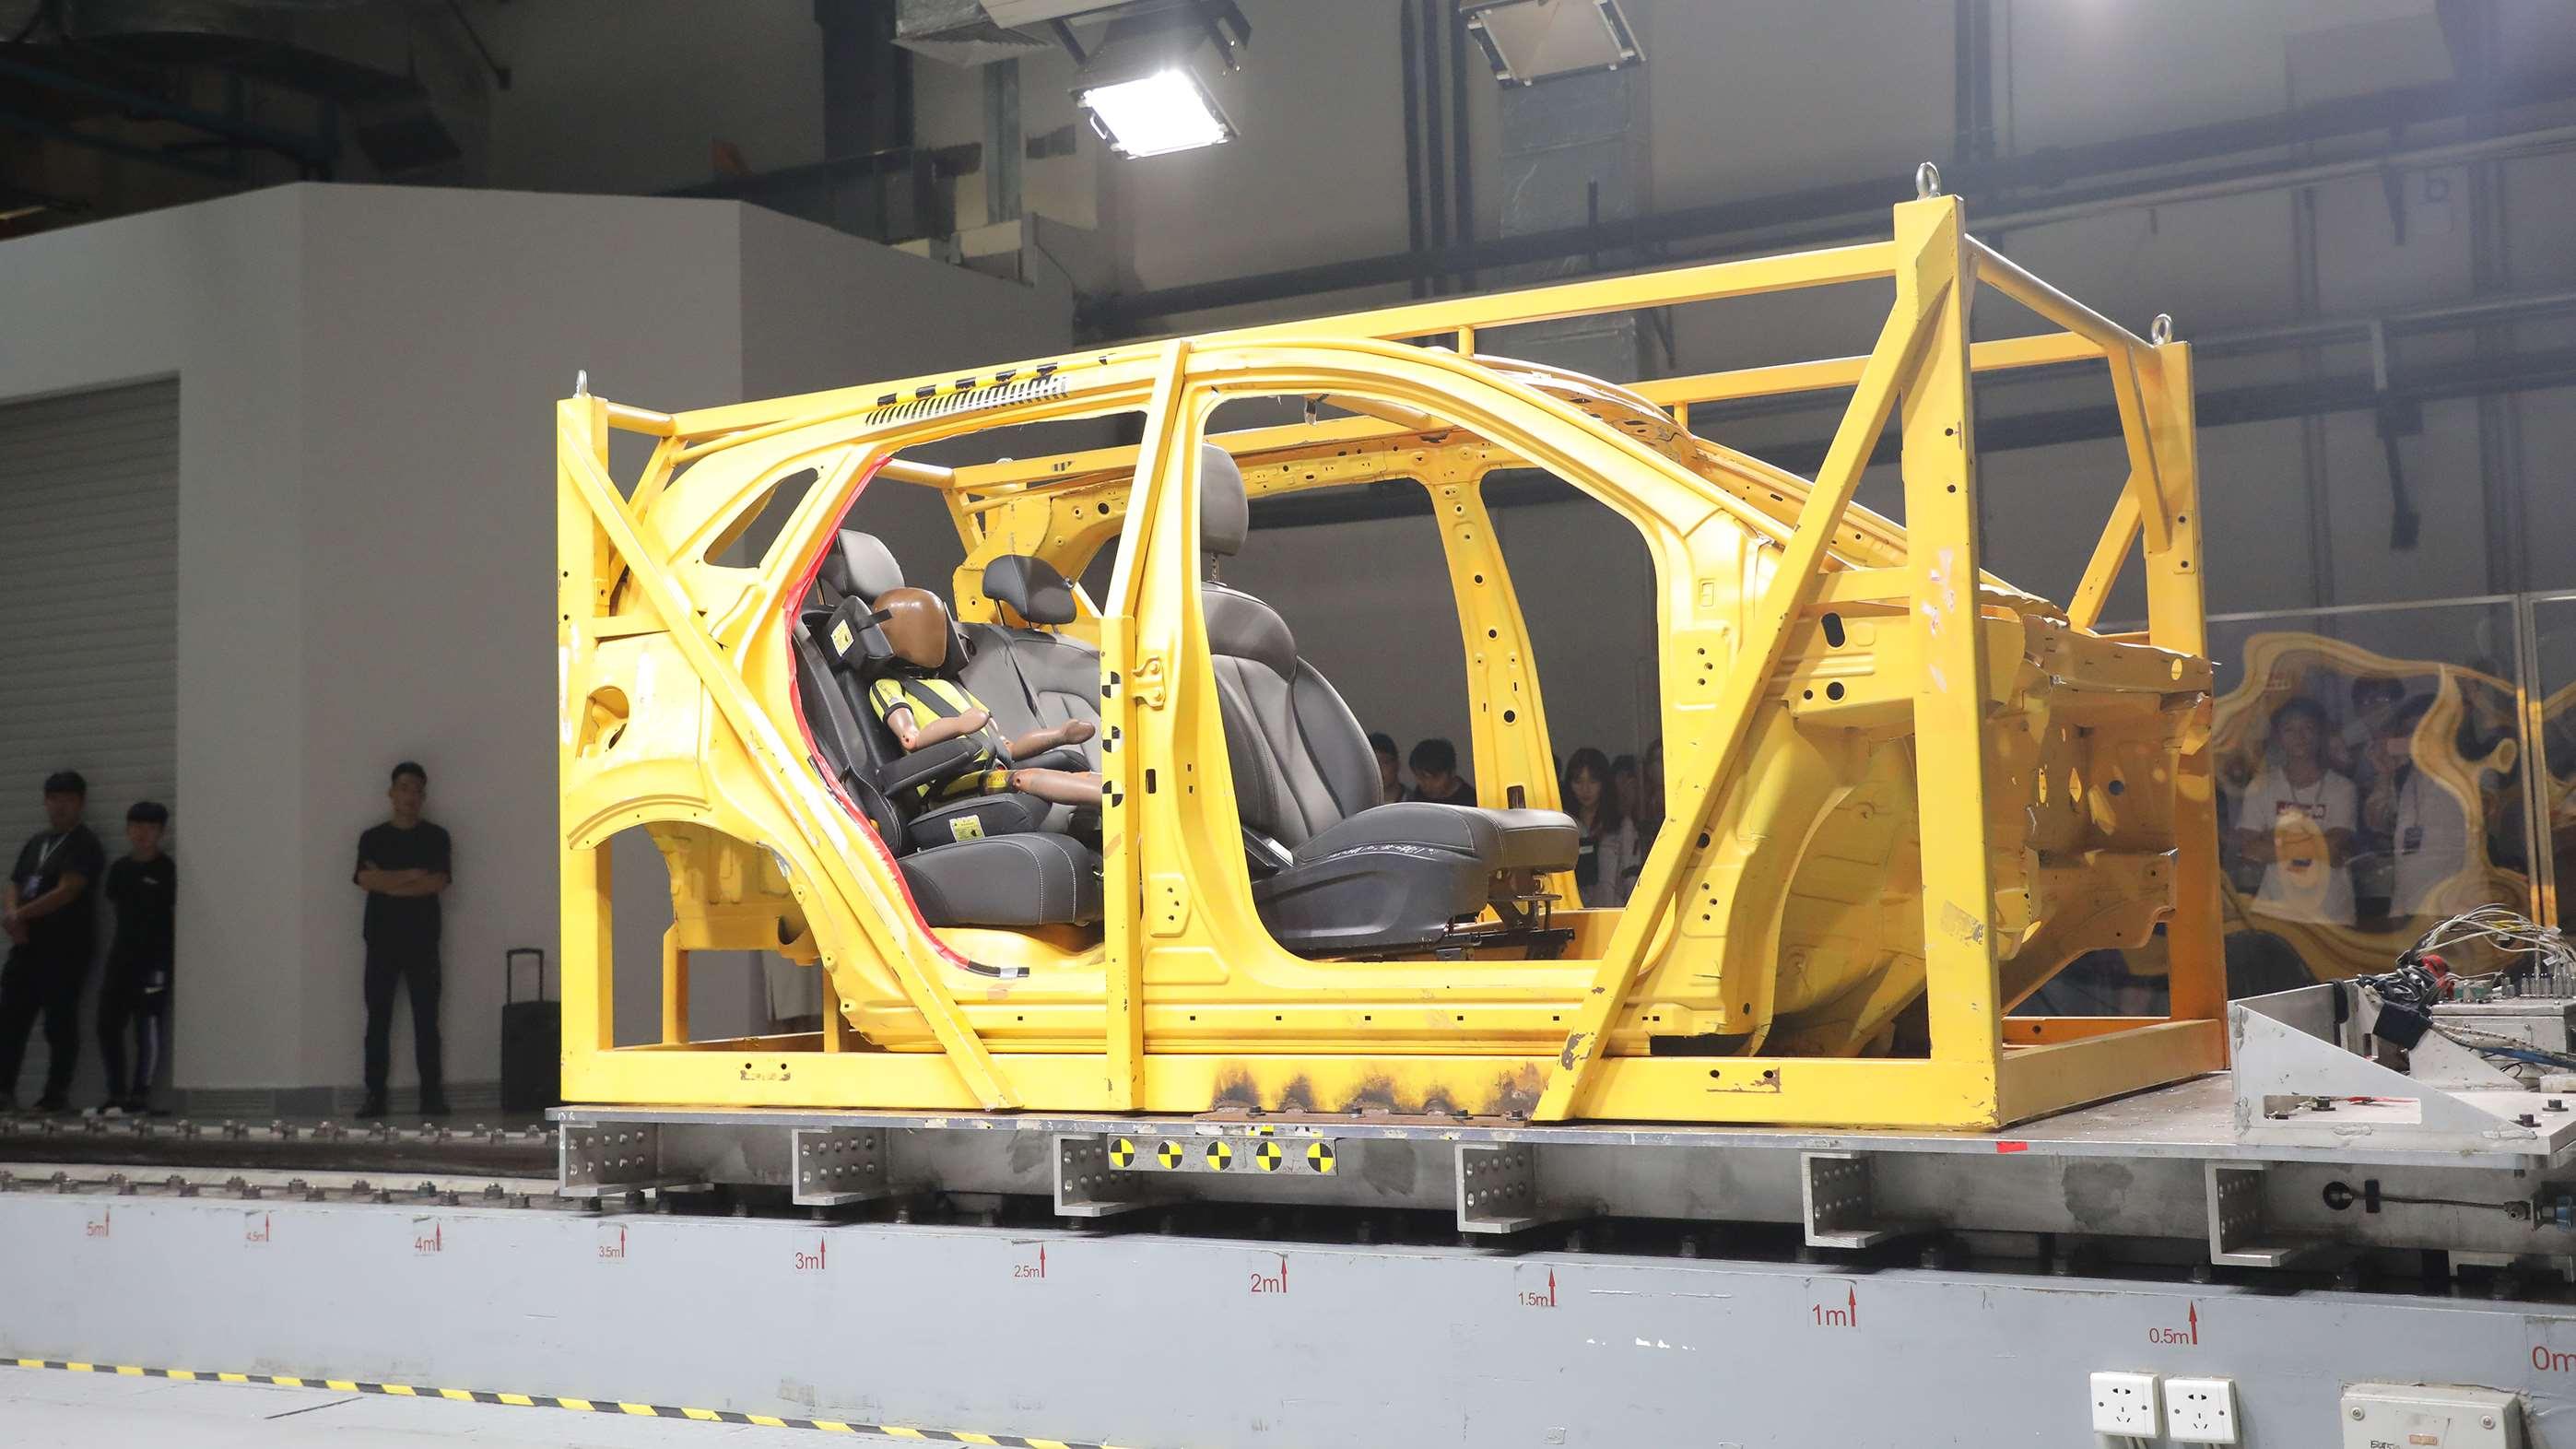 RX3一体式儿童安全座椅滑台测试